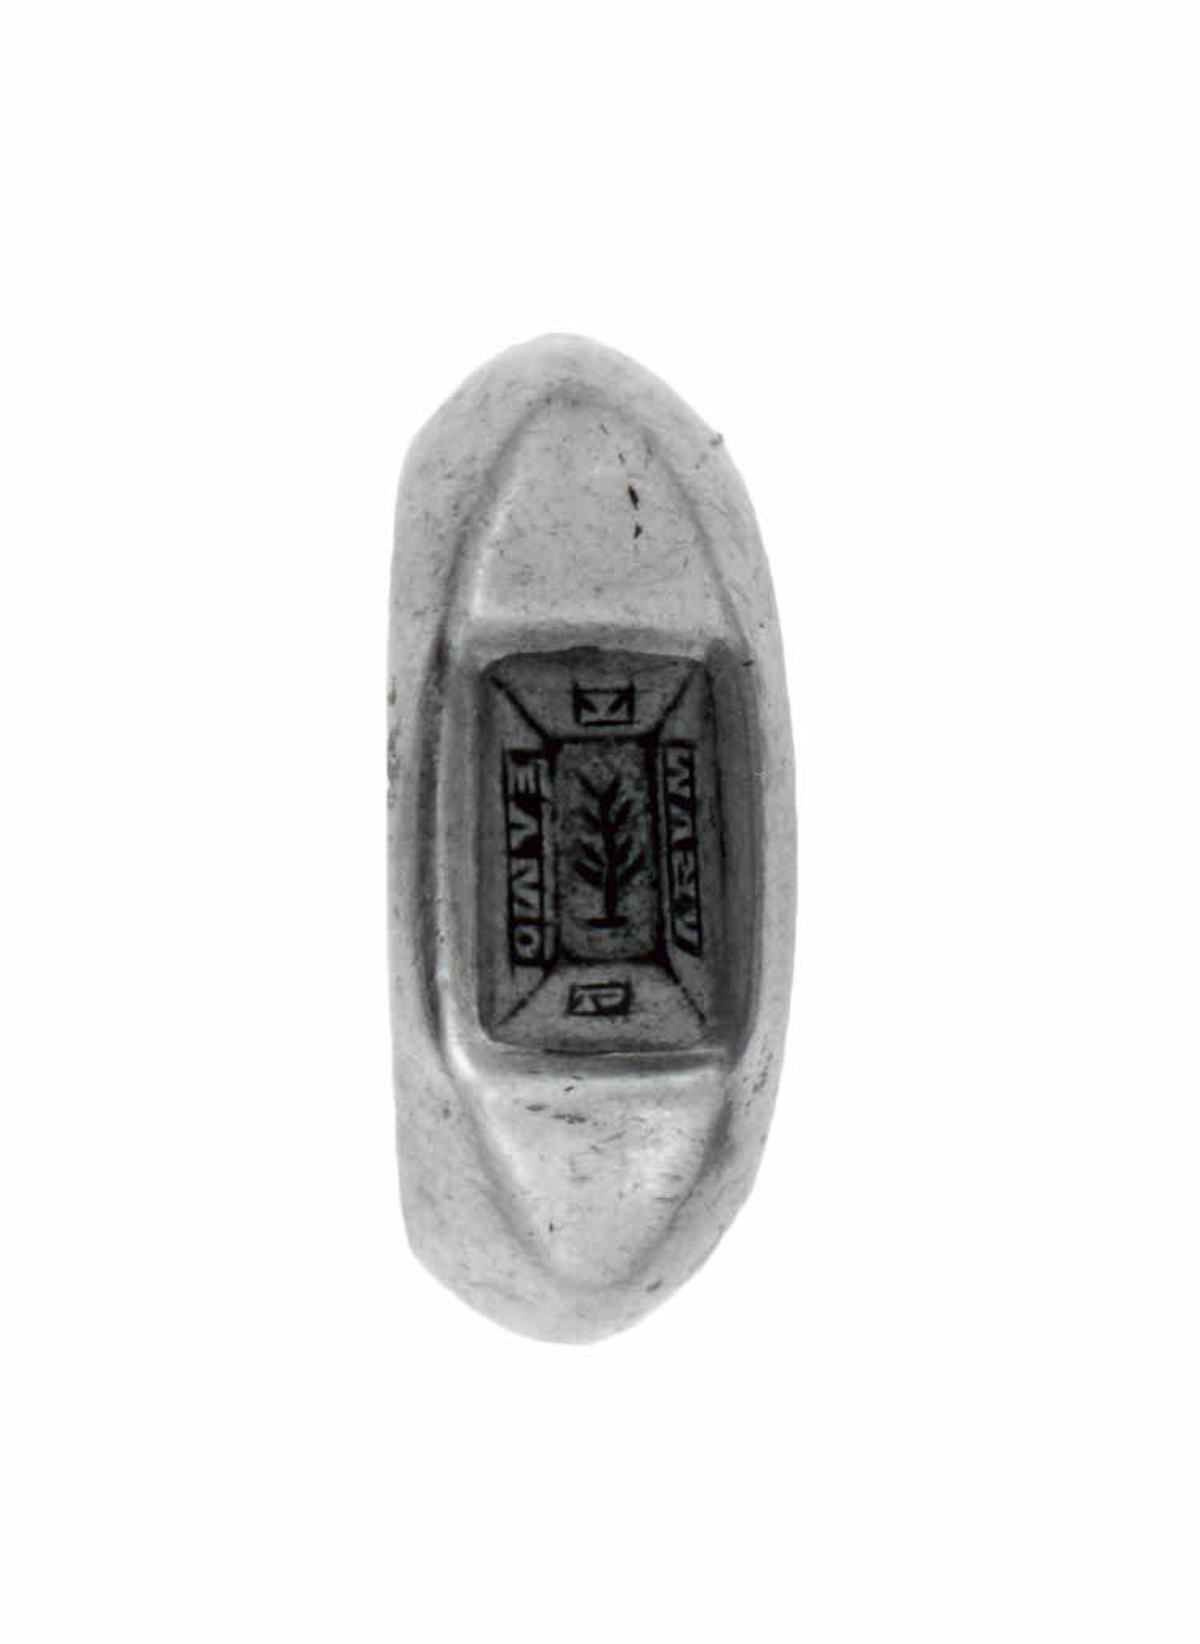 Rzymski pierścień podarowany z okazji ślubu, z wygrawerowanym napisem: Te amo parum